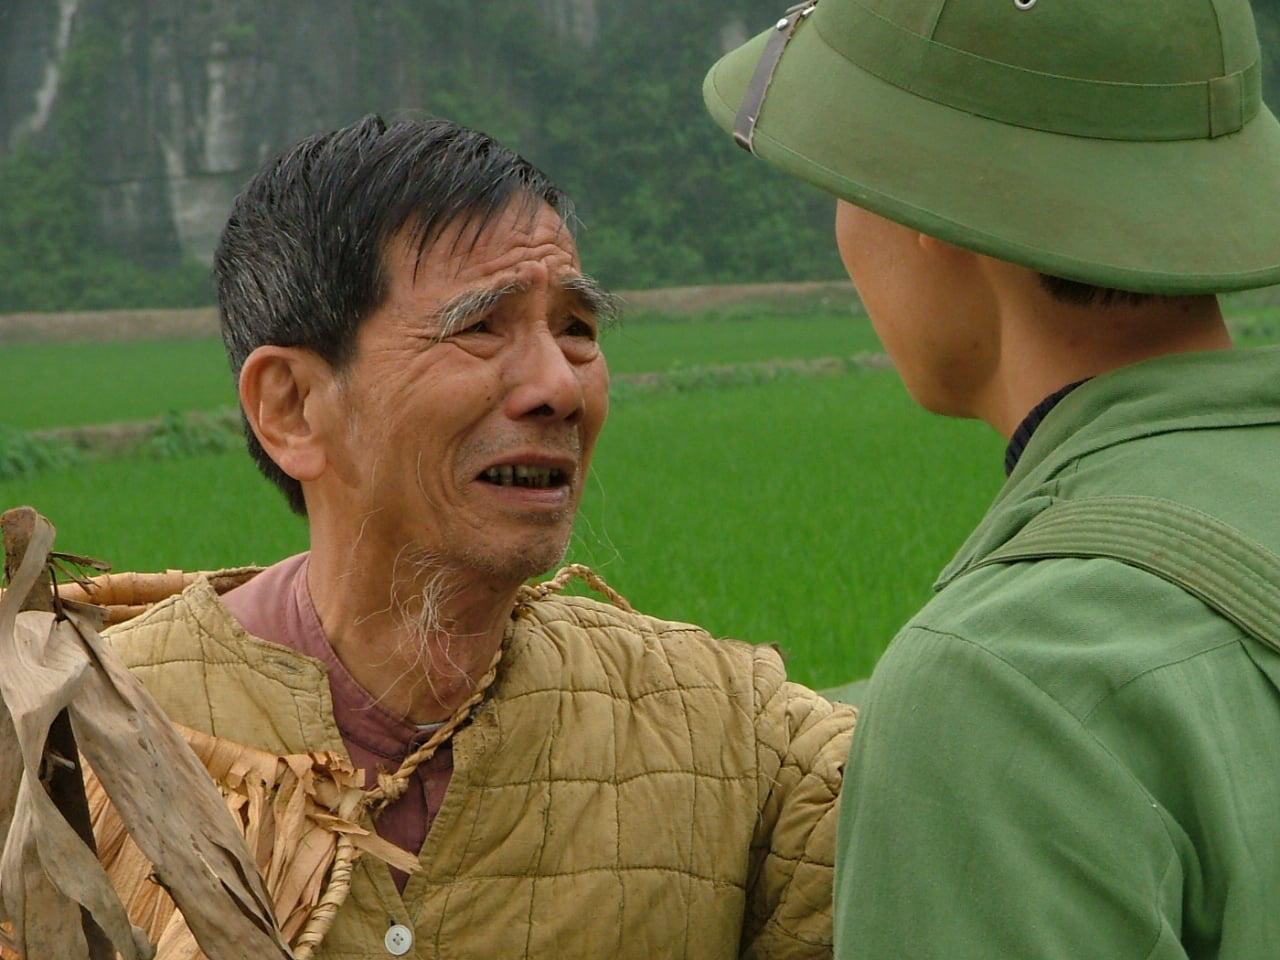 NSND Hoàng Dũng đã khóc với tất cả các vai diễn để đời - Ảnh 3.